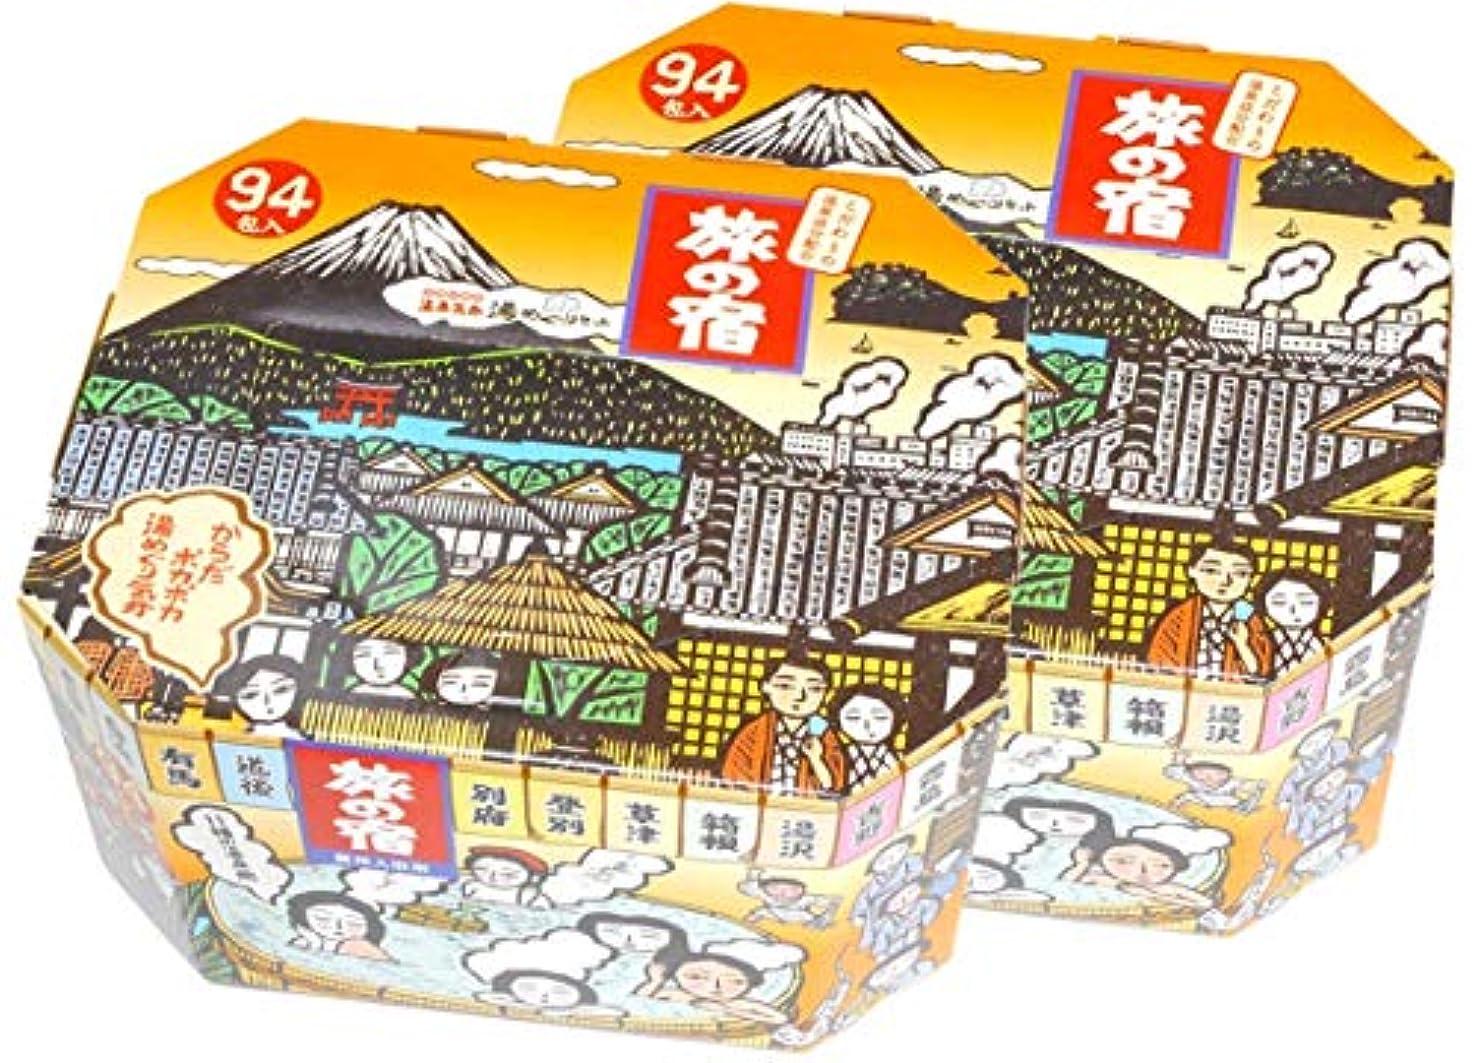 サークル約特異な旅の宿(薬用入浴剤) 94包入 2箱セット